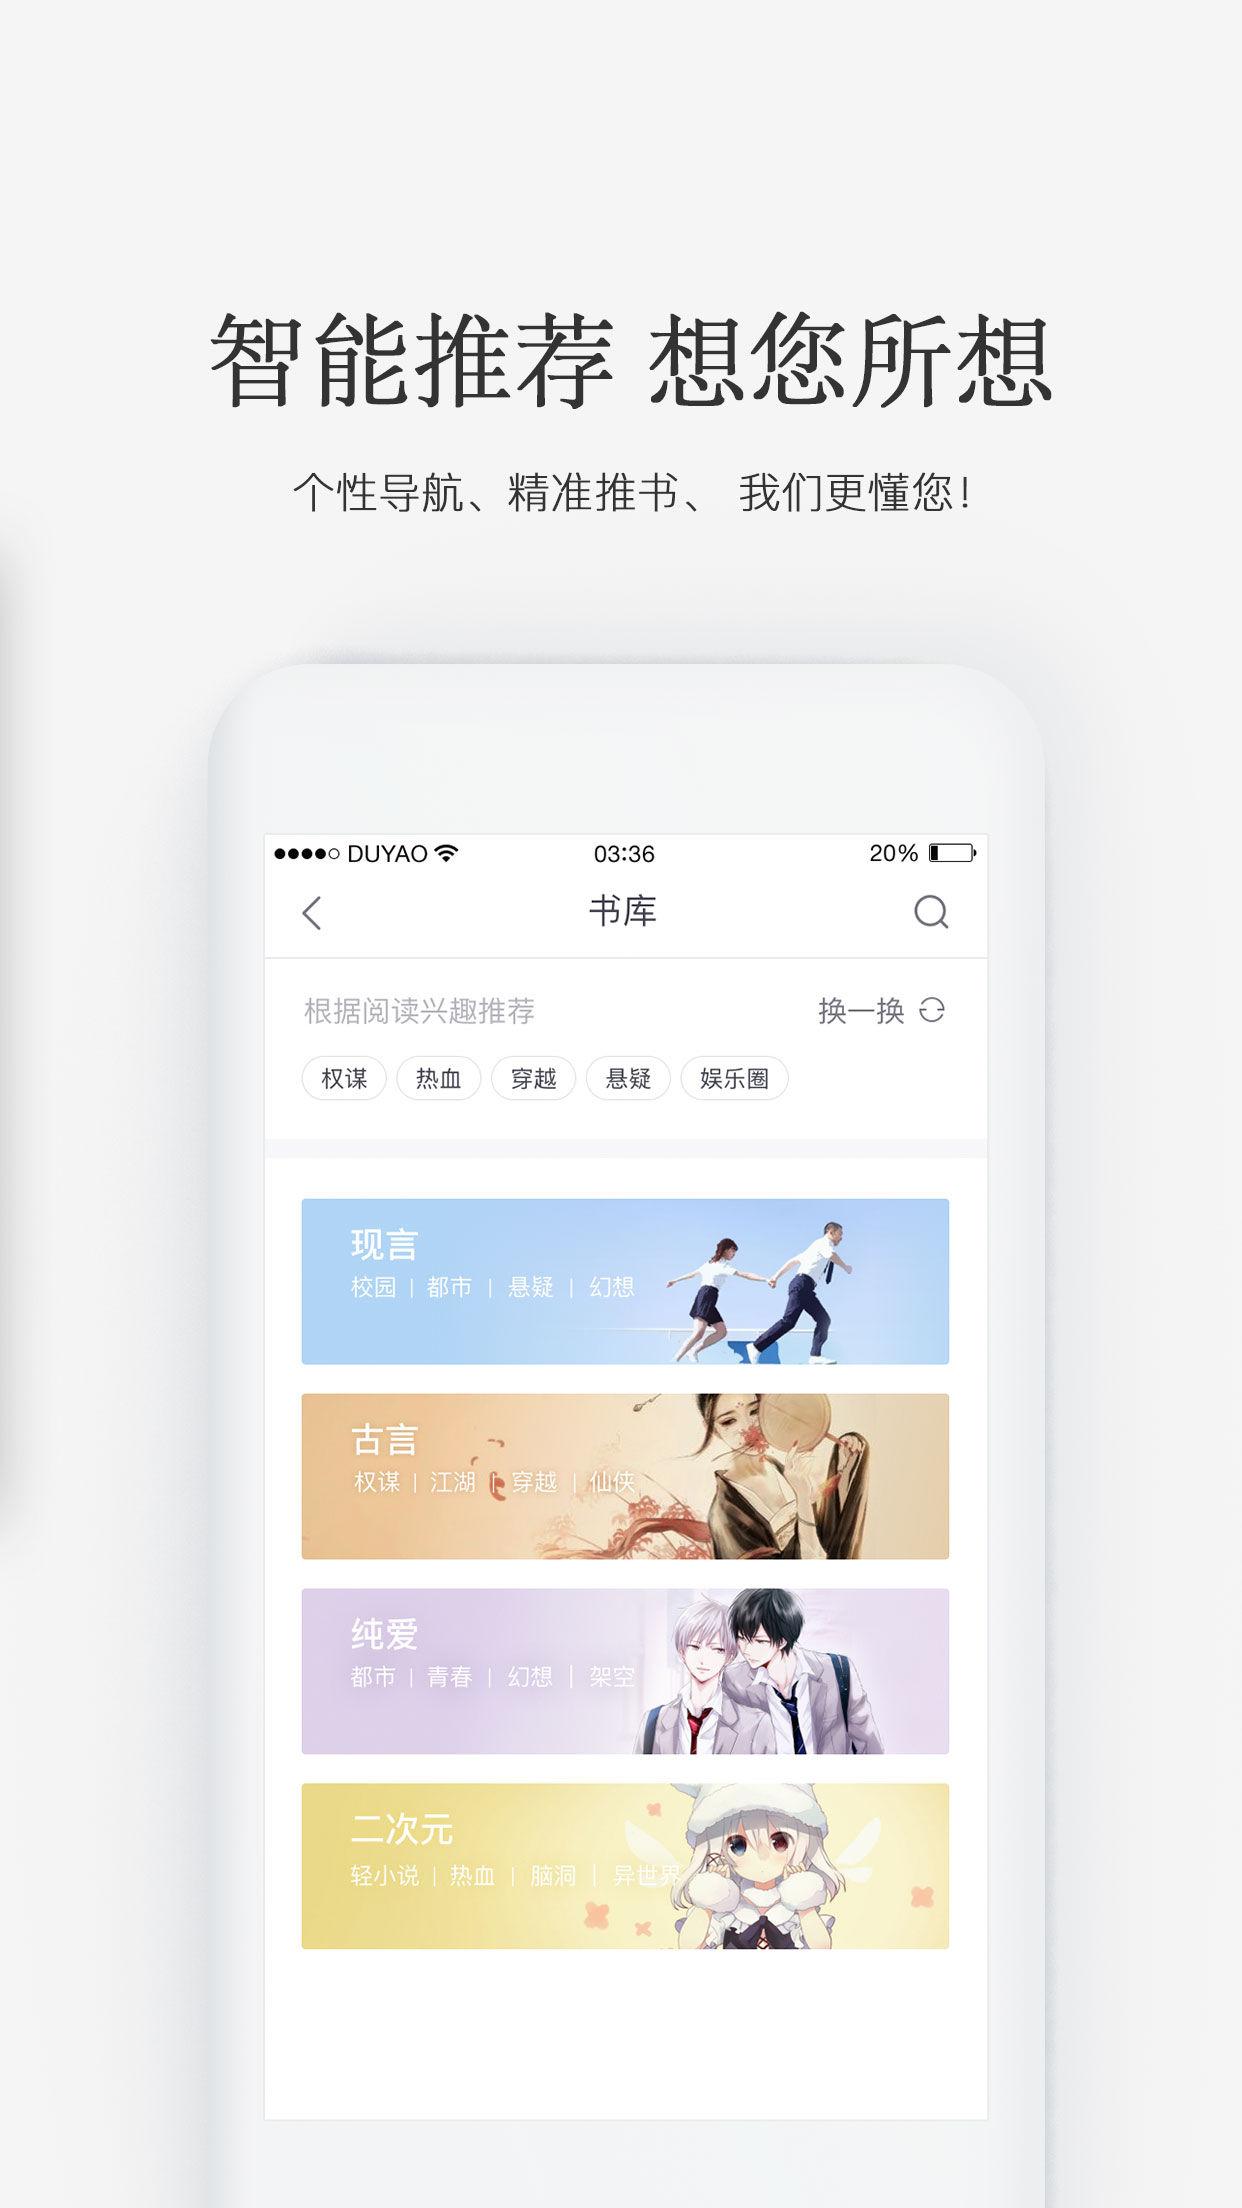 火星视频app 火星影视app最新版下载